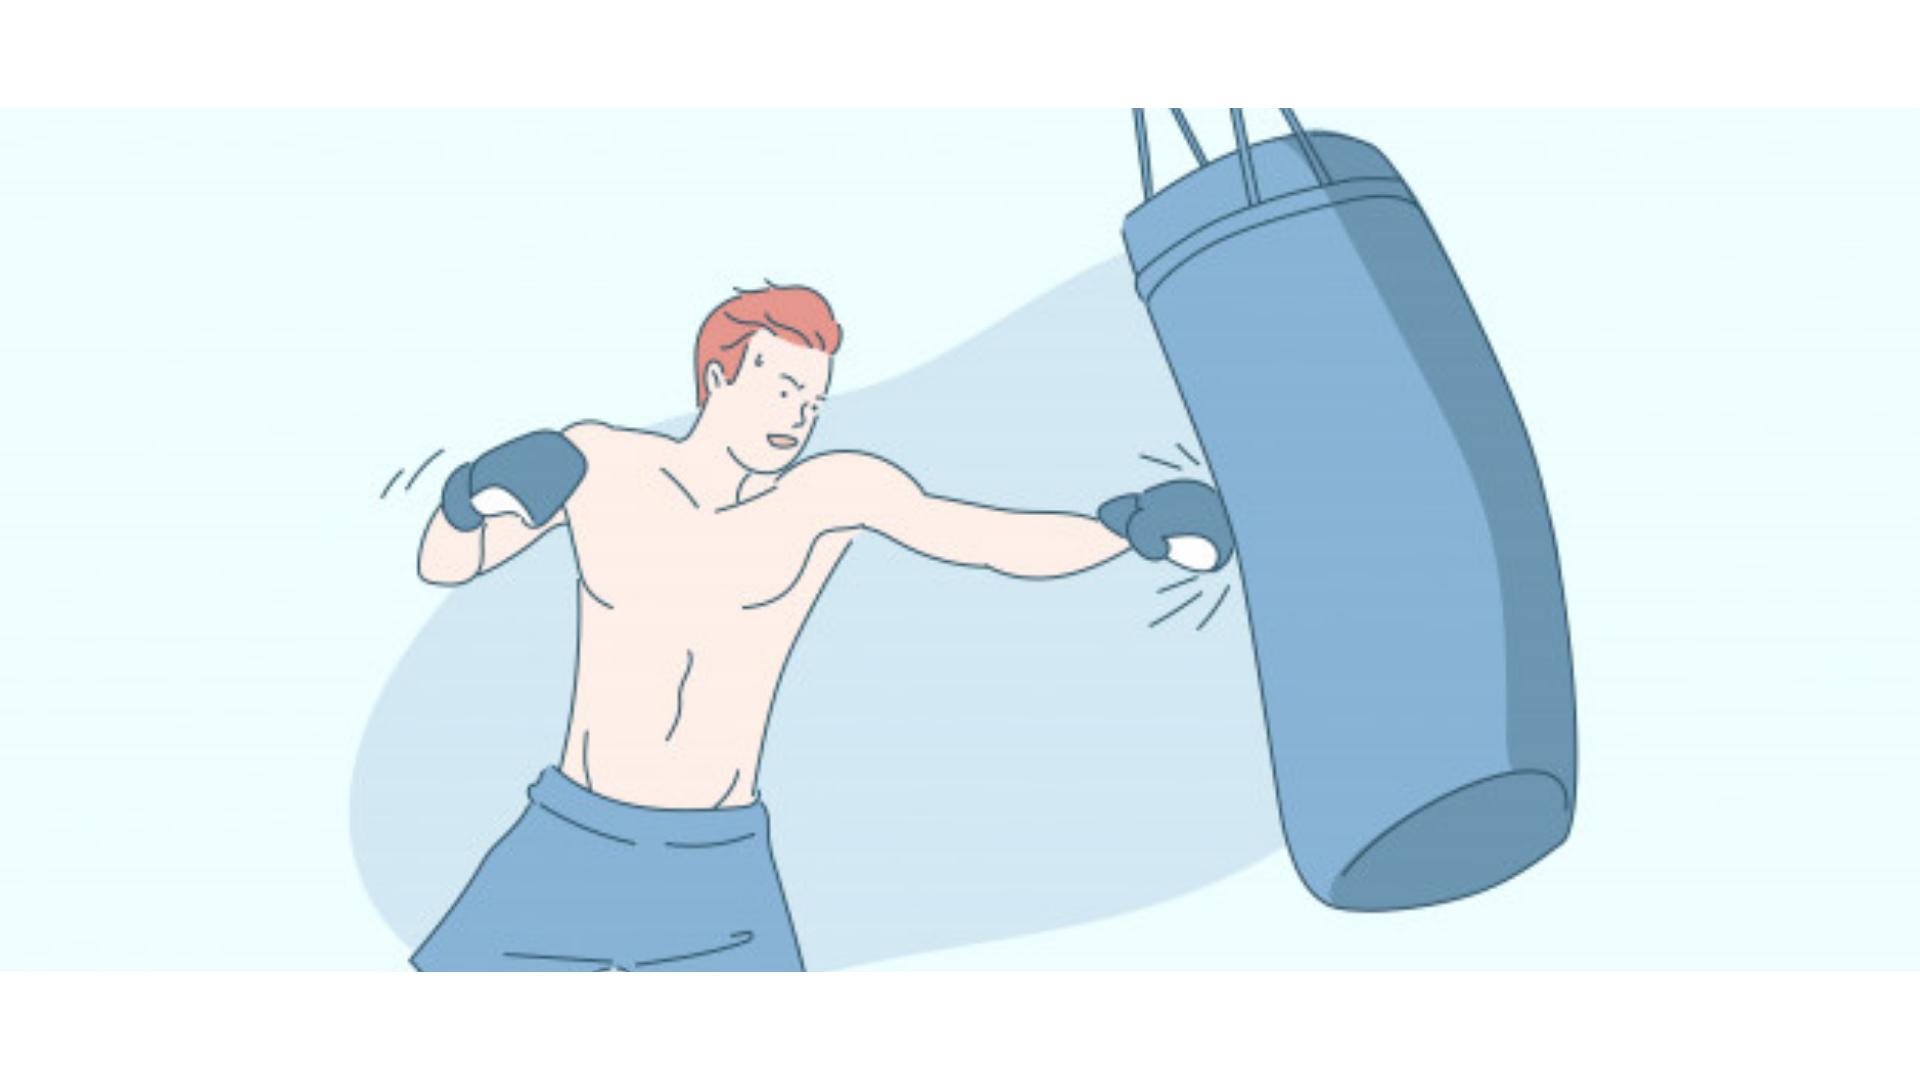 boksta bilinen en temel çalışmalar arasında olan kum torbası için kullanılan görsel.